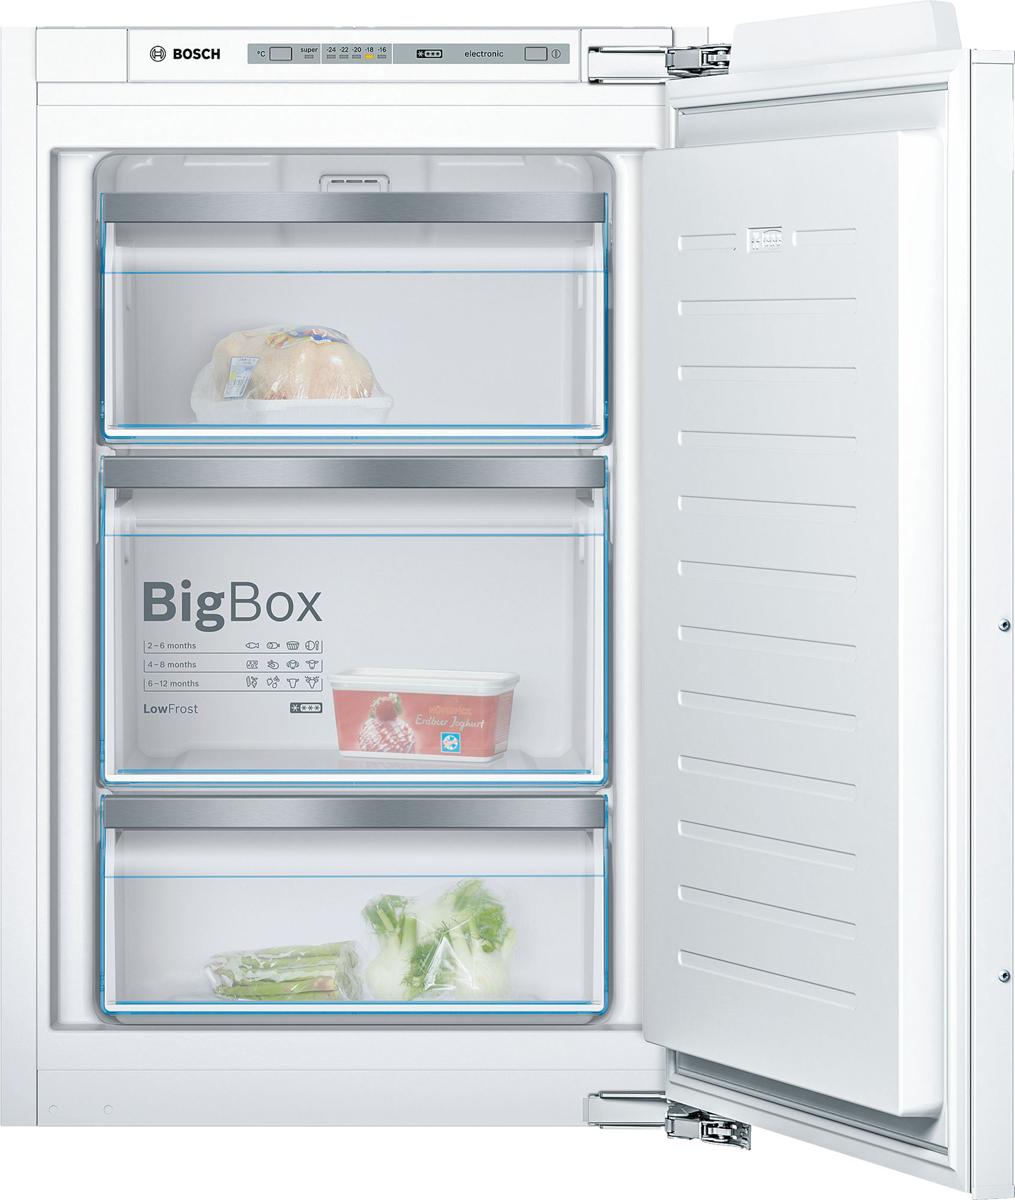 Bosch GIV21AF20R морозильник встраиваемый